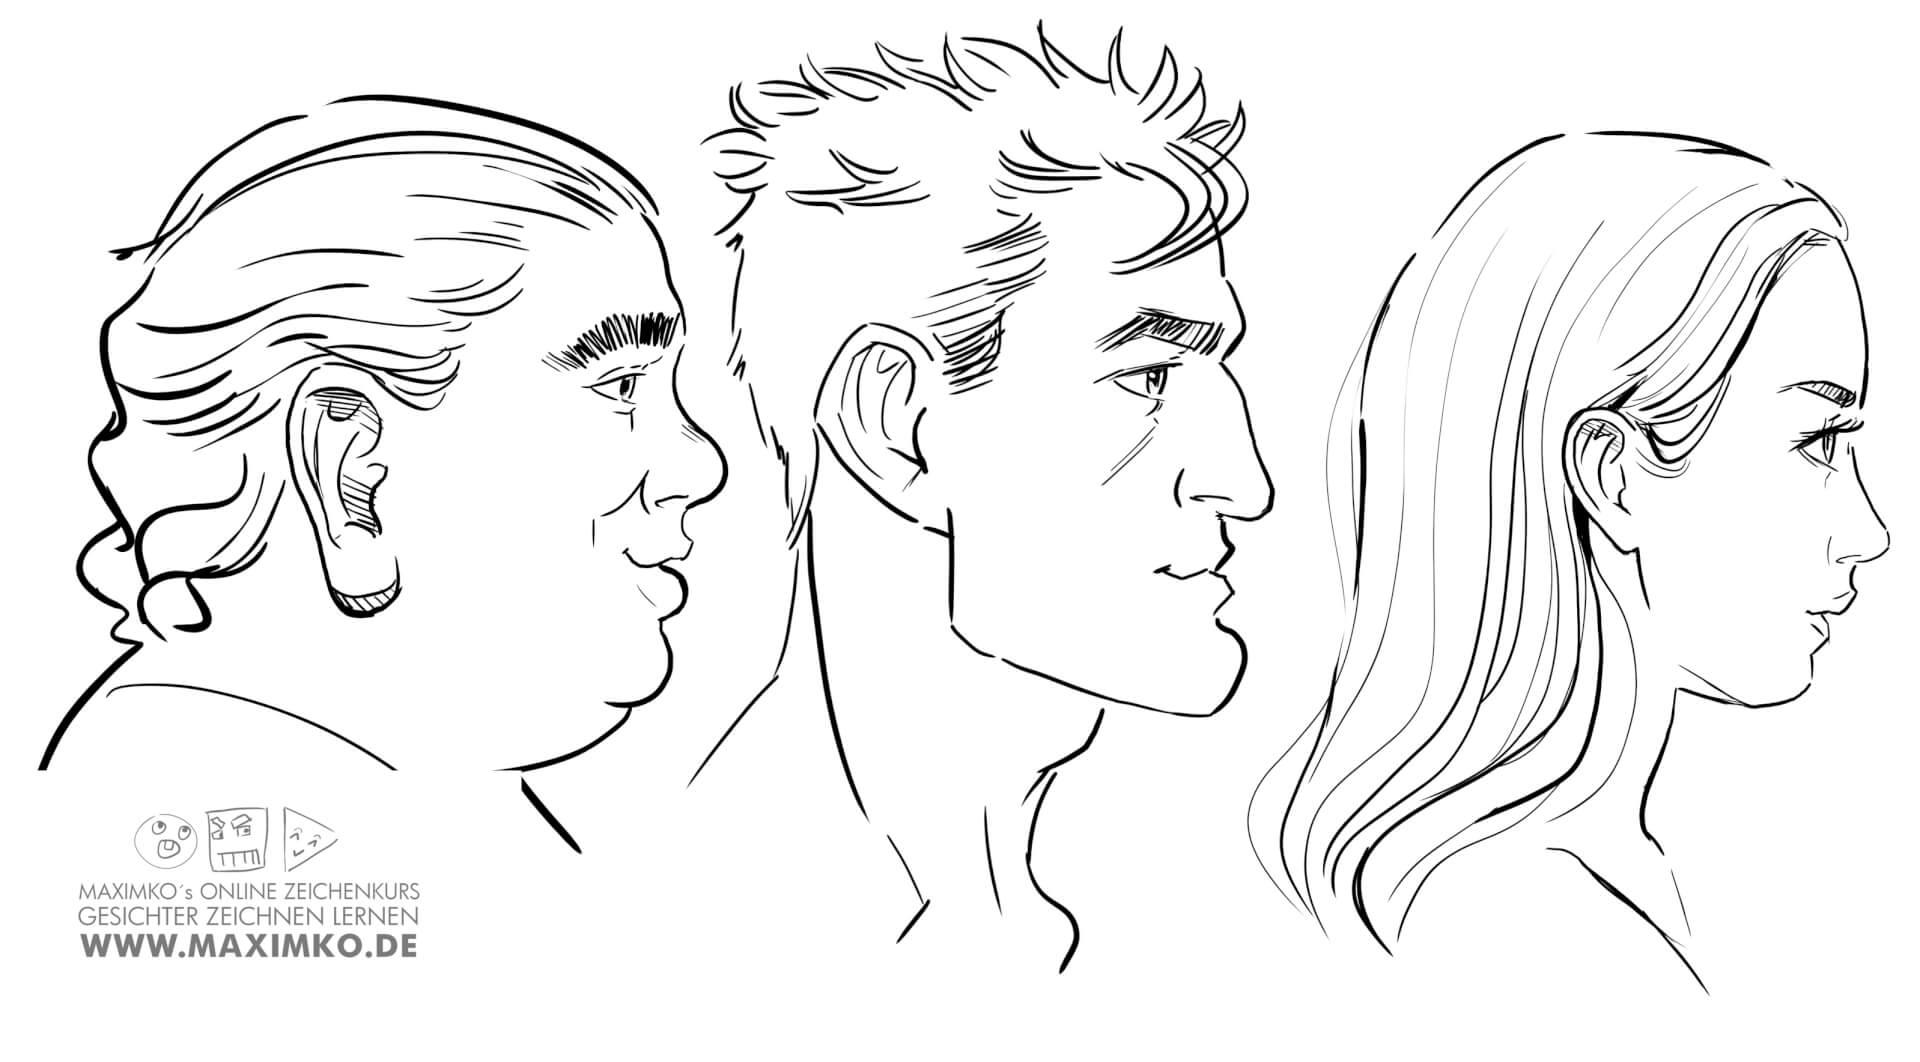 nase zeichnen lernen tutorial online kurs workshop how to draw nose maximko